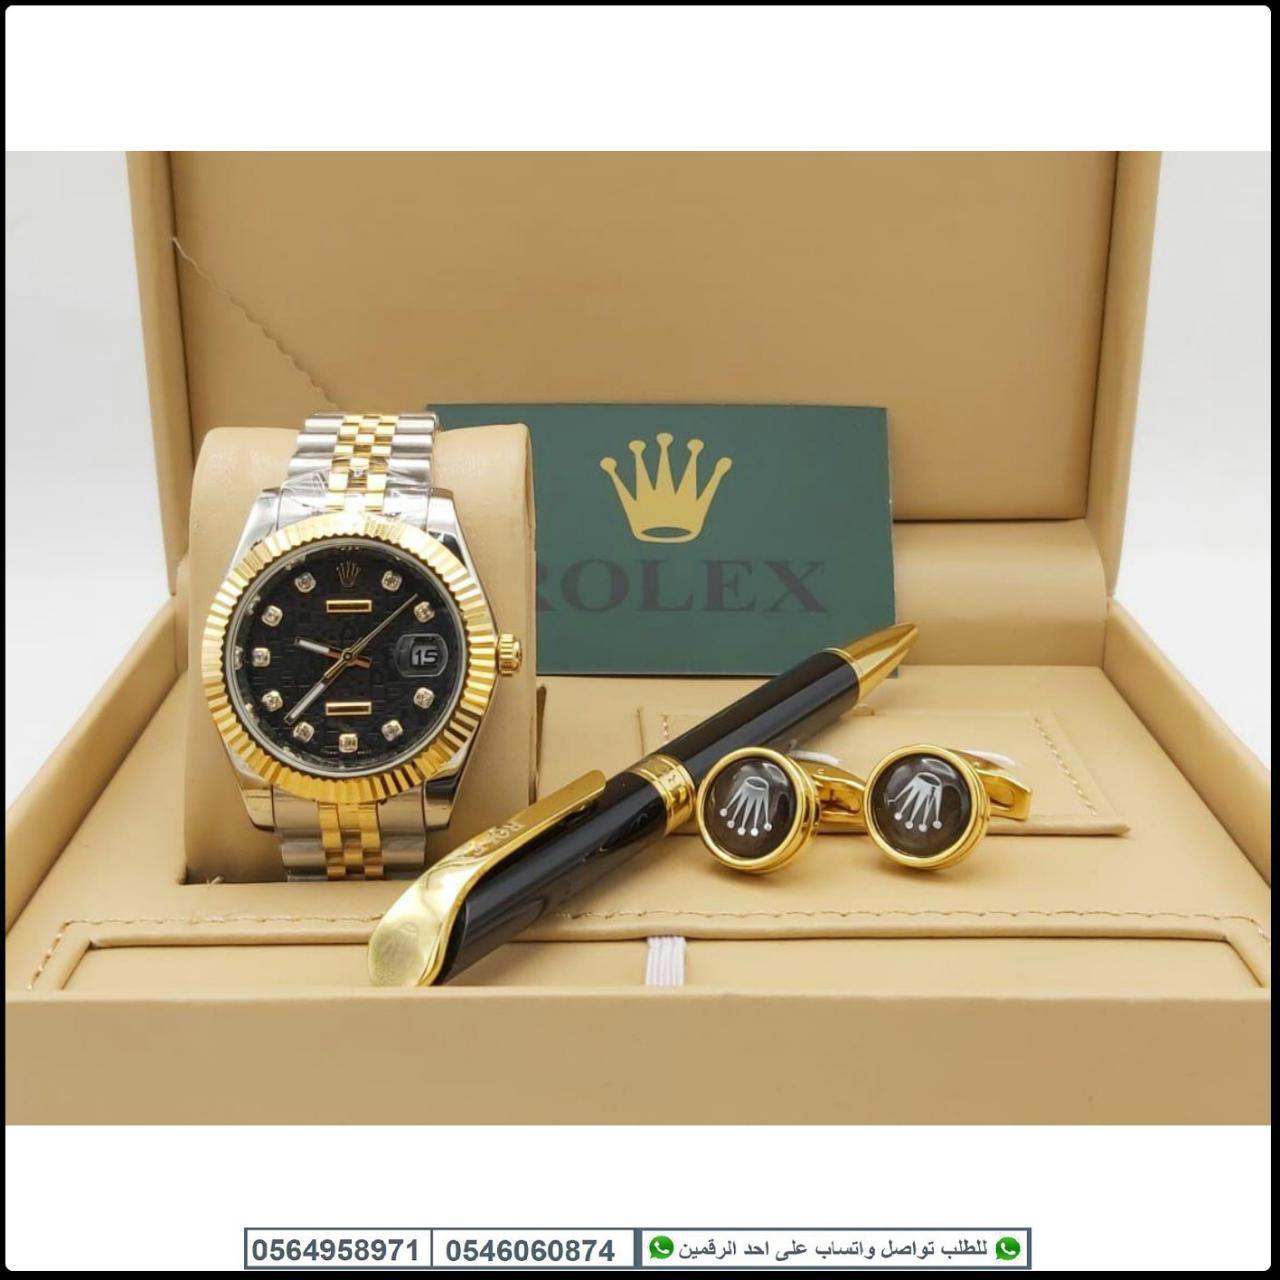 ساعات رولکس رجالي Rolex طقم رولكس كلاسيك مع قلم و كبك رولكس